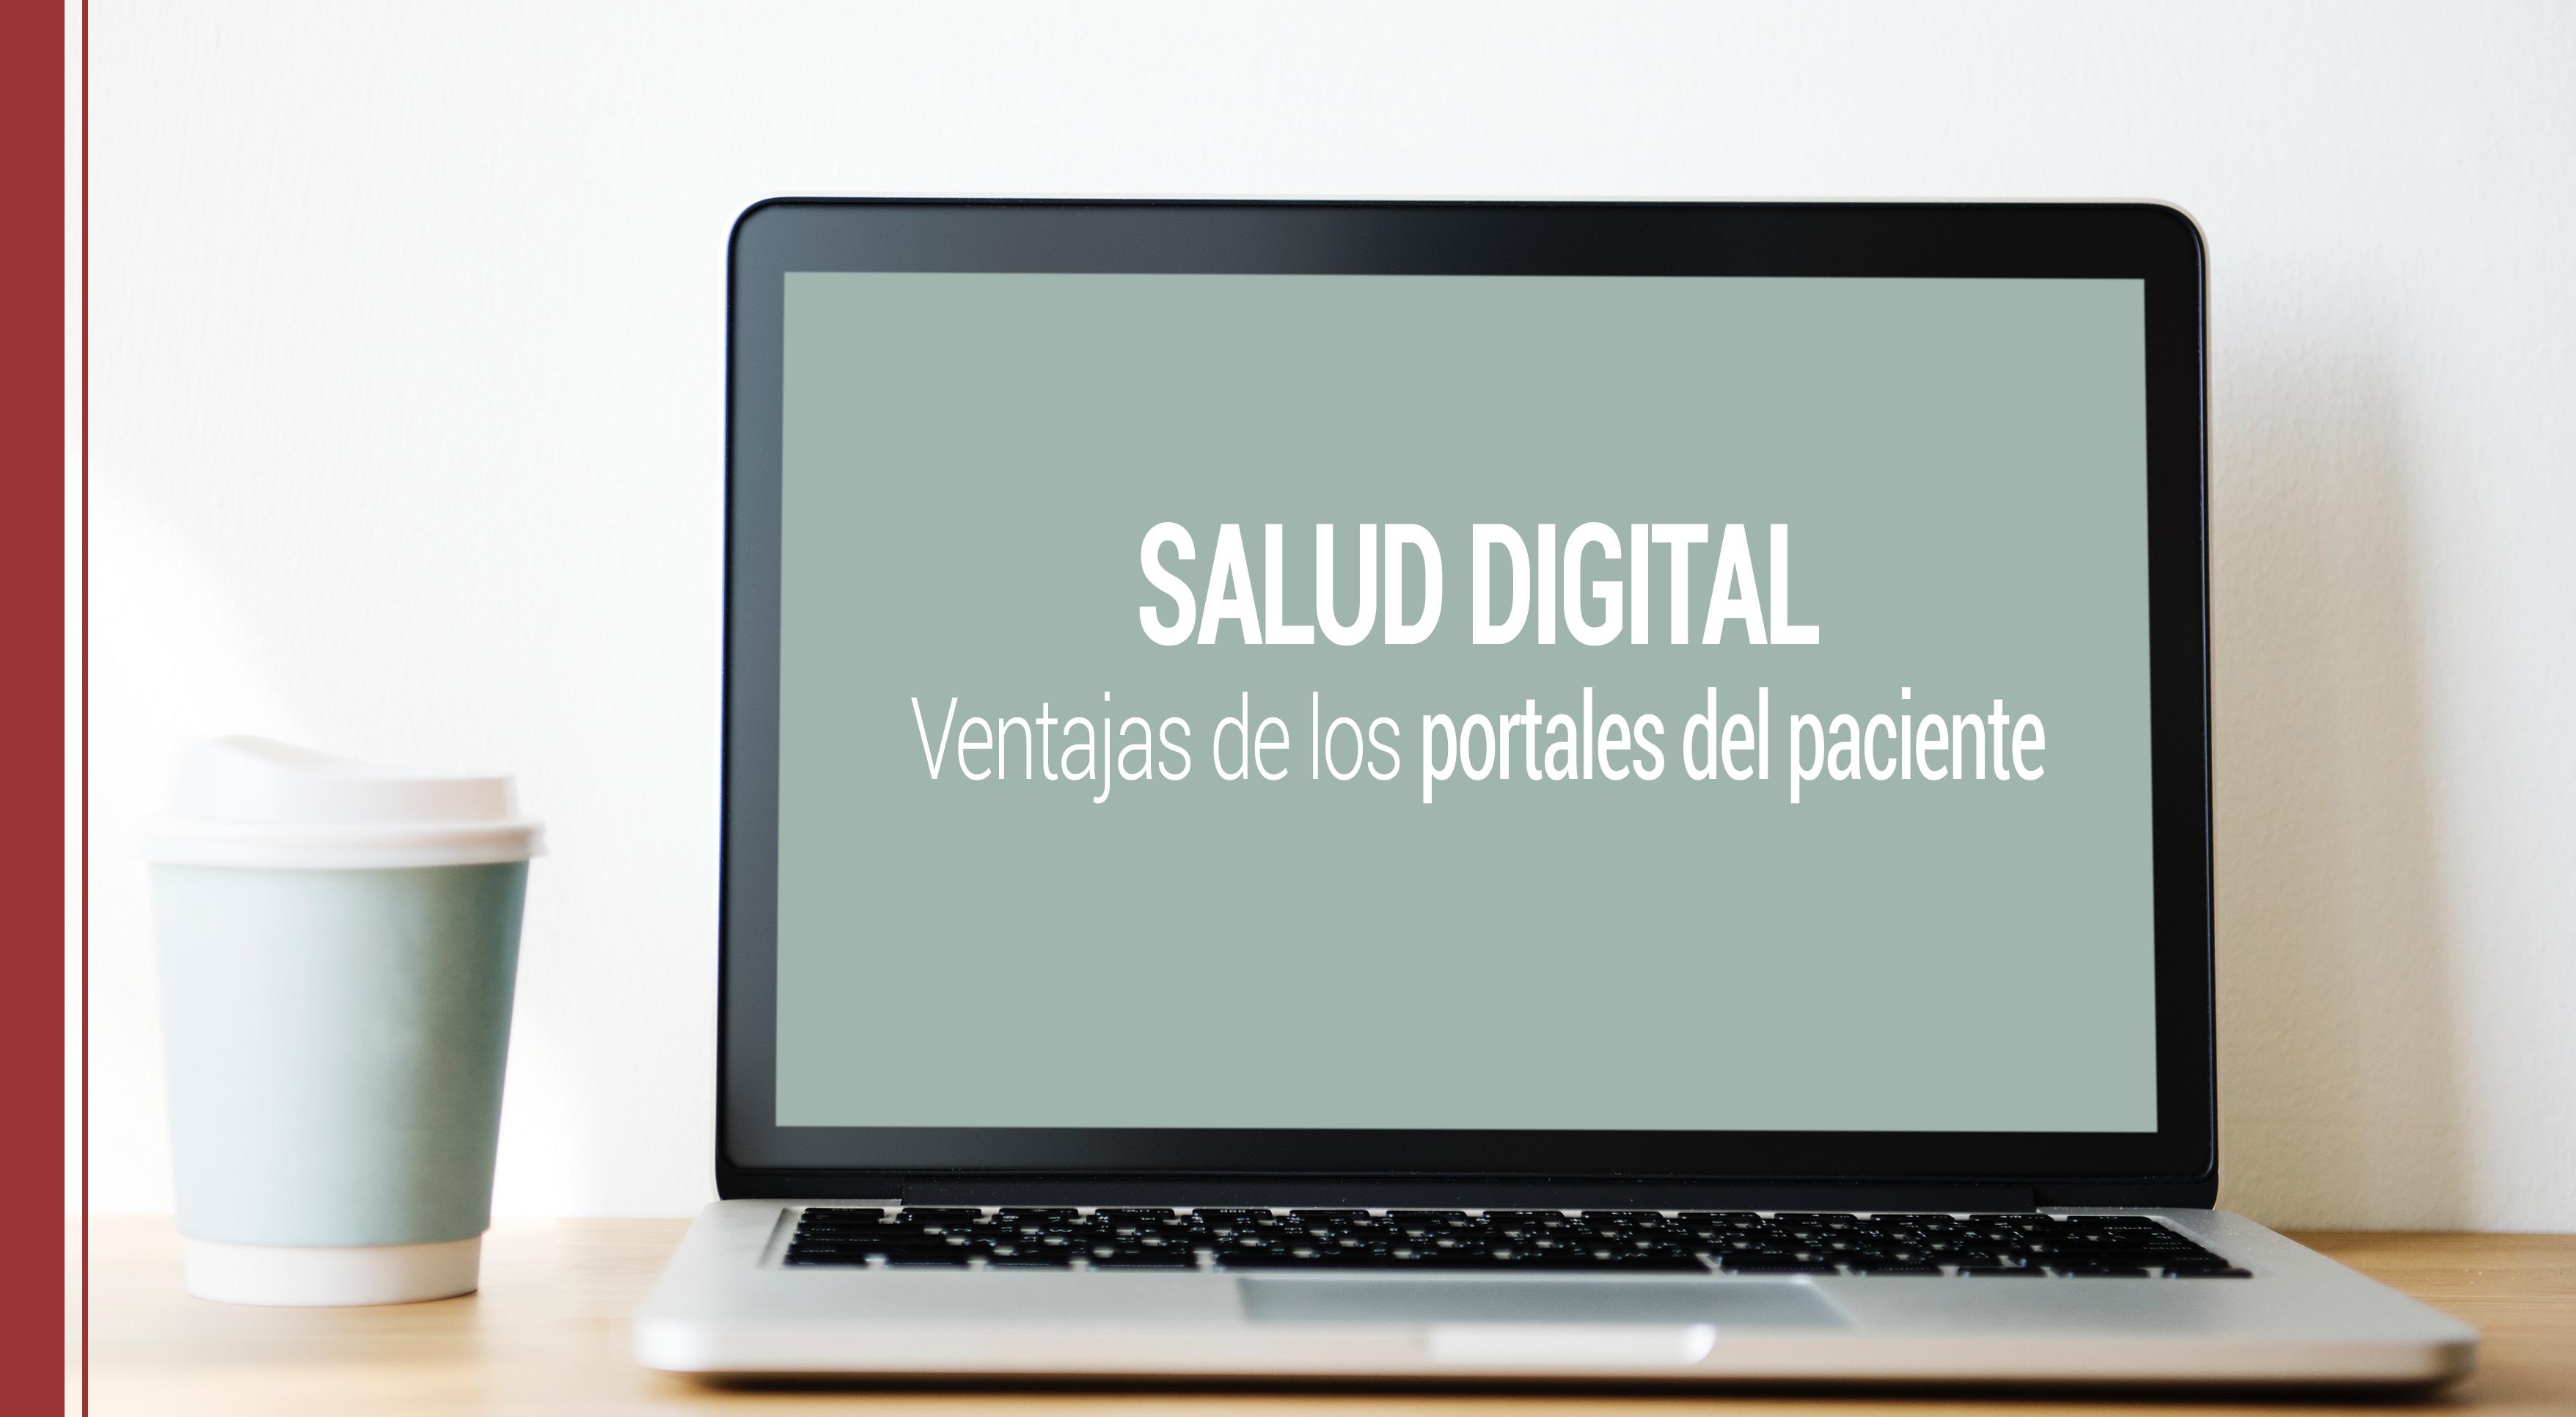 salud-digital-ventajas-portales-del-paciente Salud Digital: Ventajas de los portales del paciente